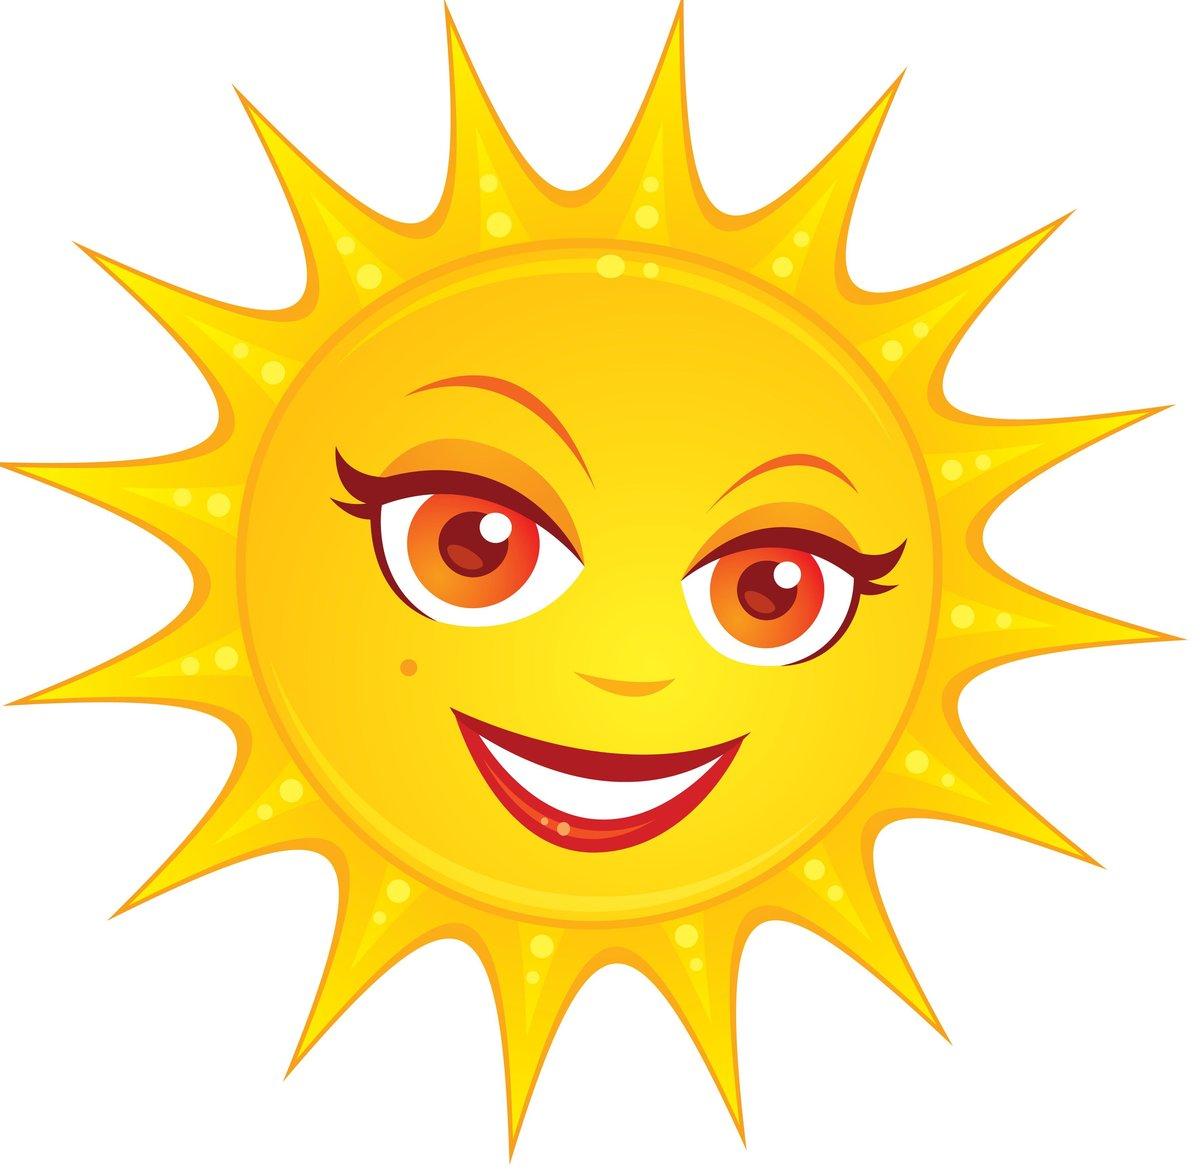 рисунок улыбки солнышки картинки понимаю, что